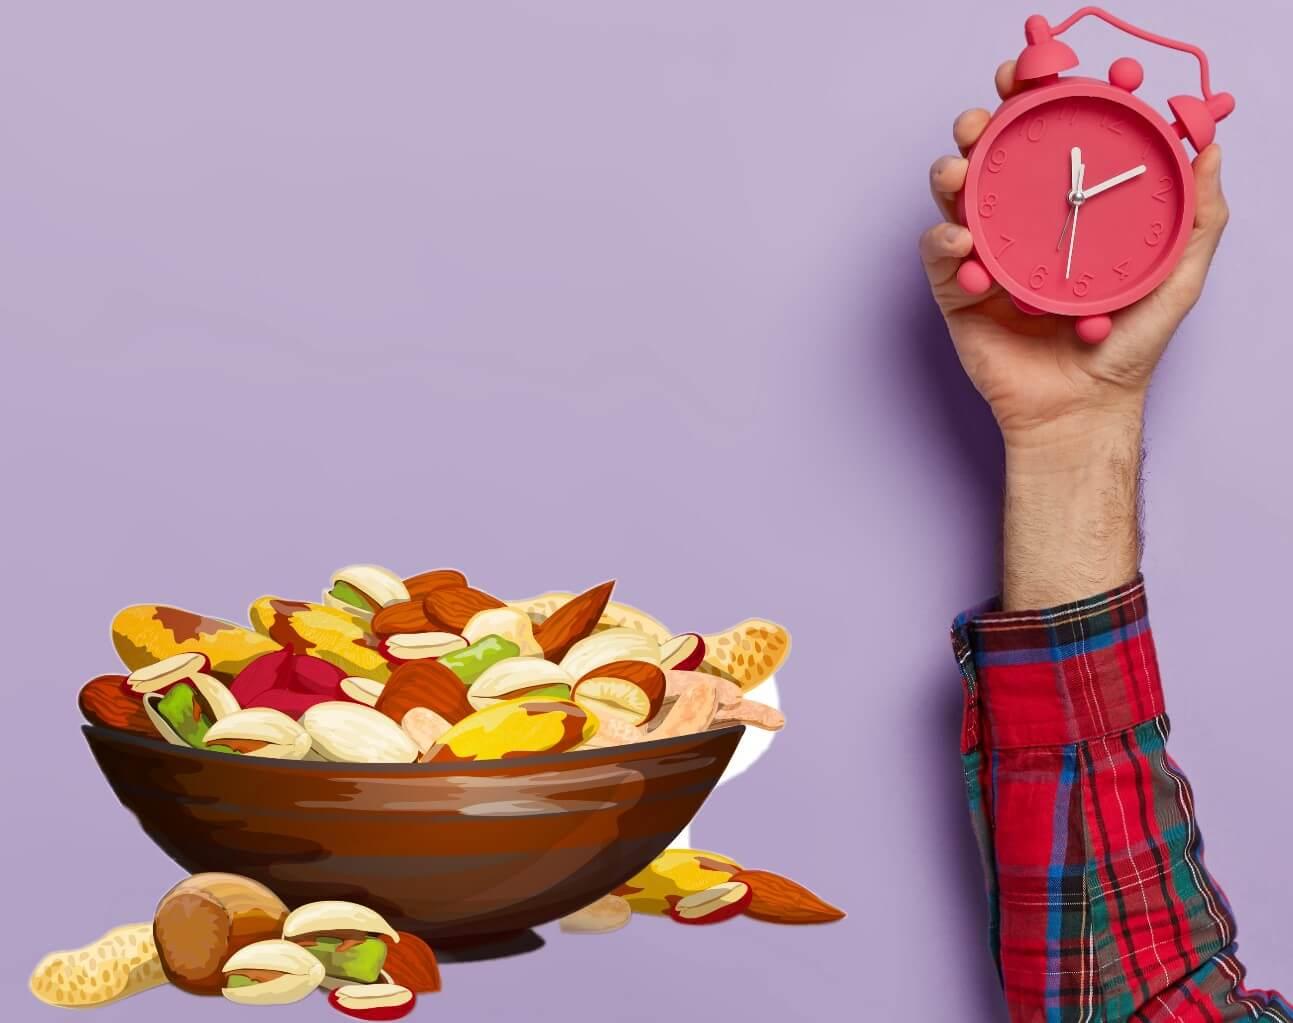 خواب کنکوری ها و تغذیه کنکوری ها